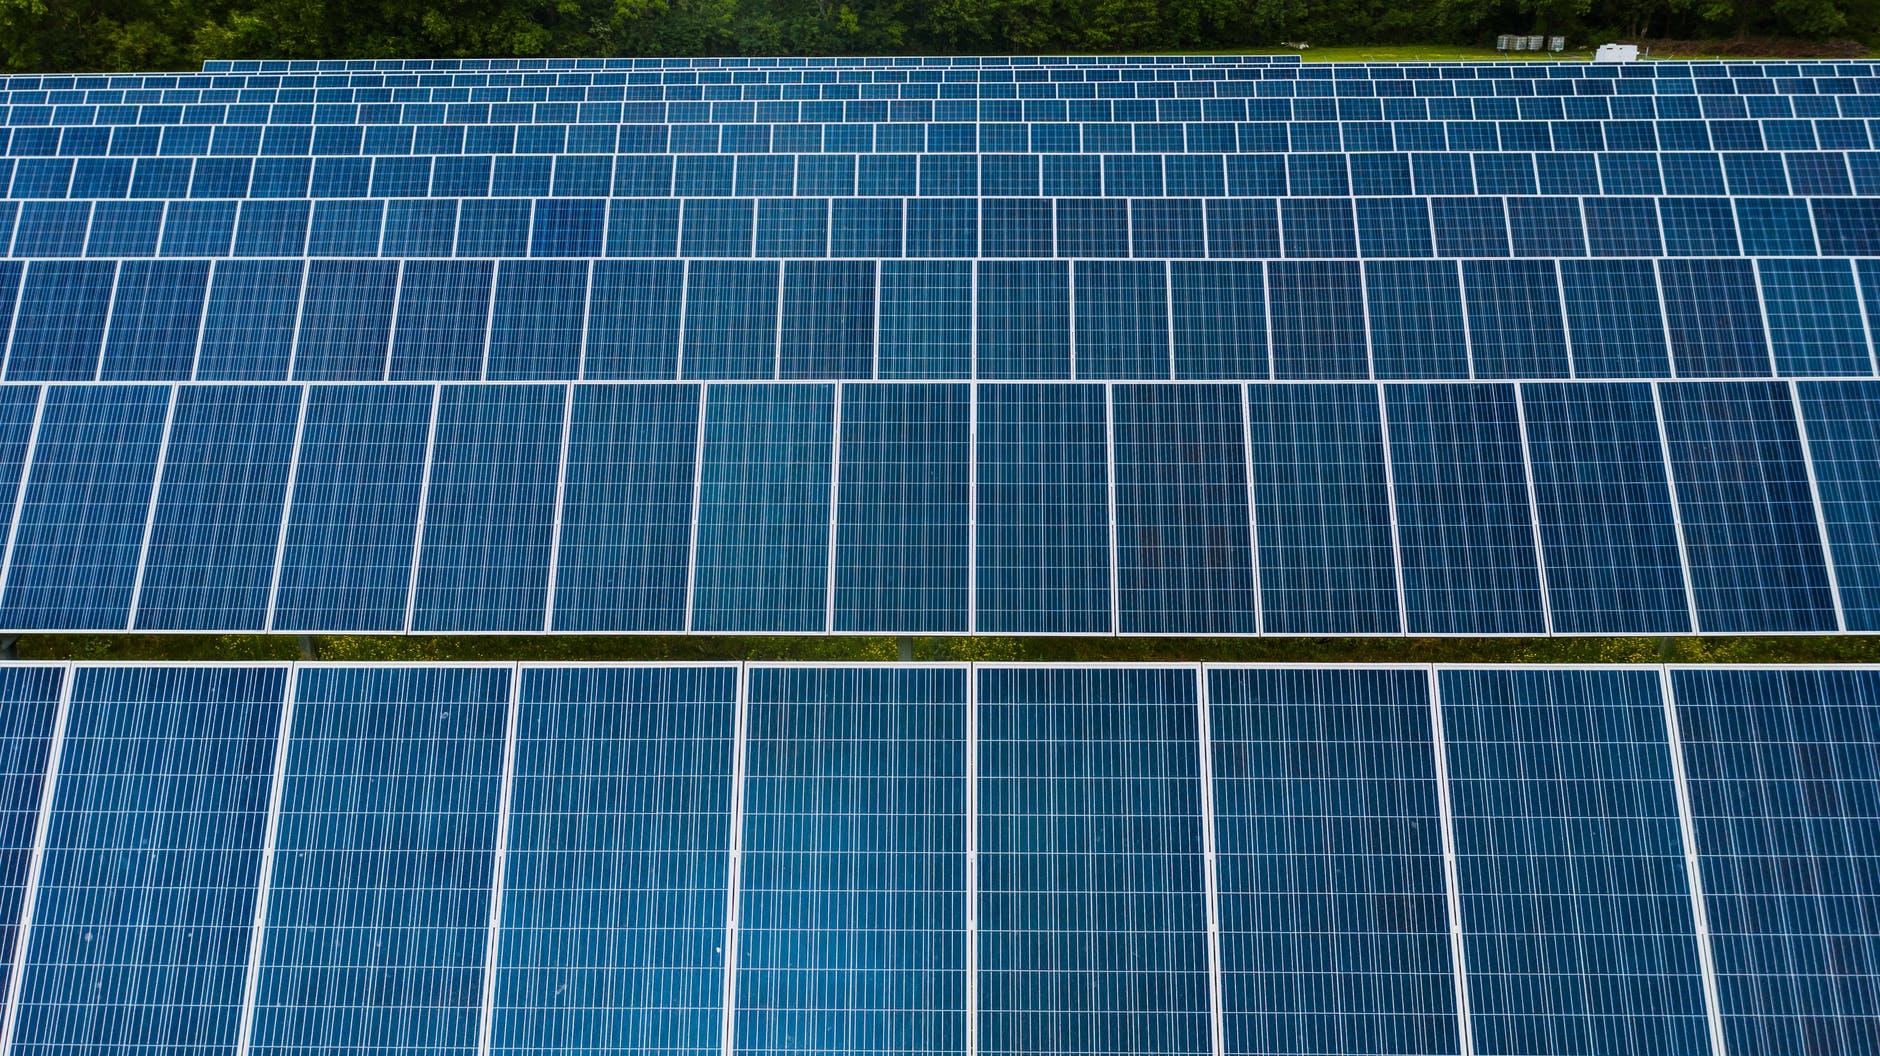 Photovoltaikanlage mit mehreren Solarmodulen in Reihen